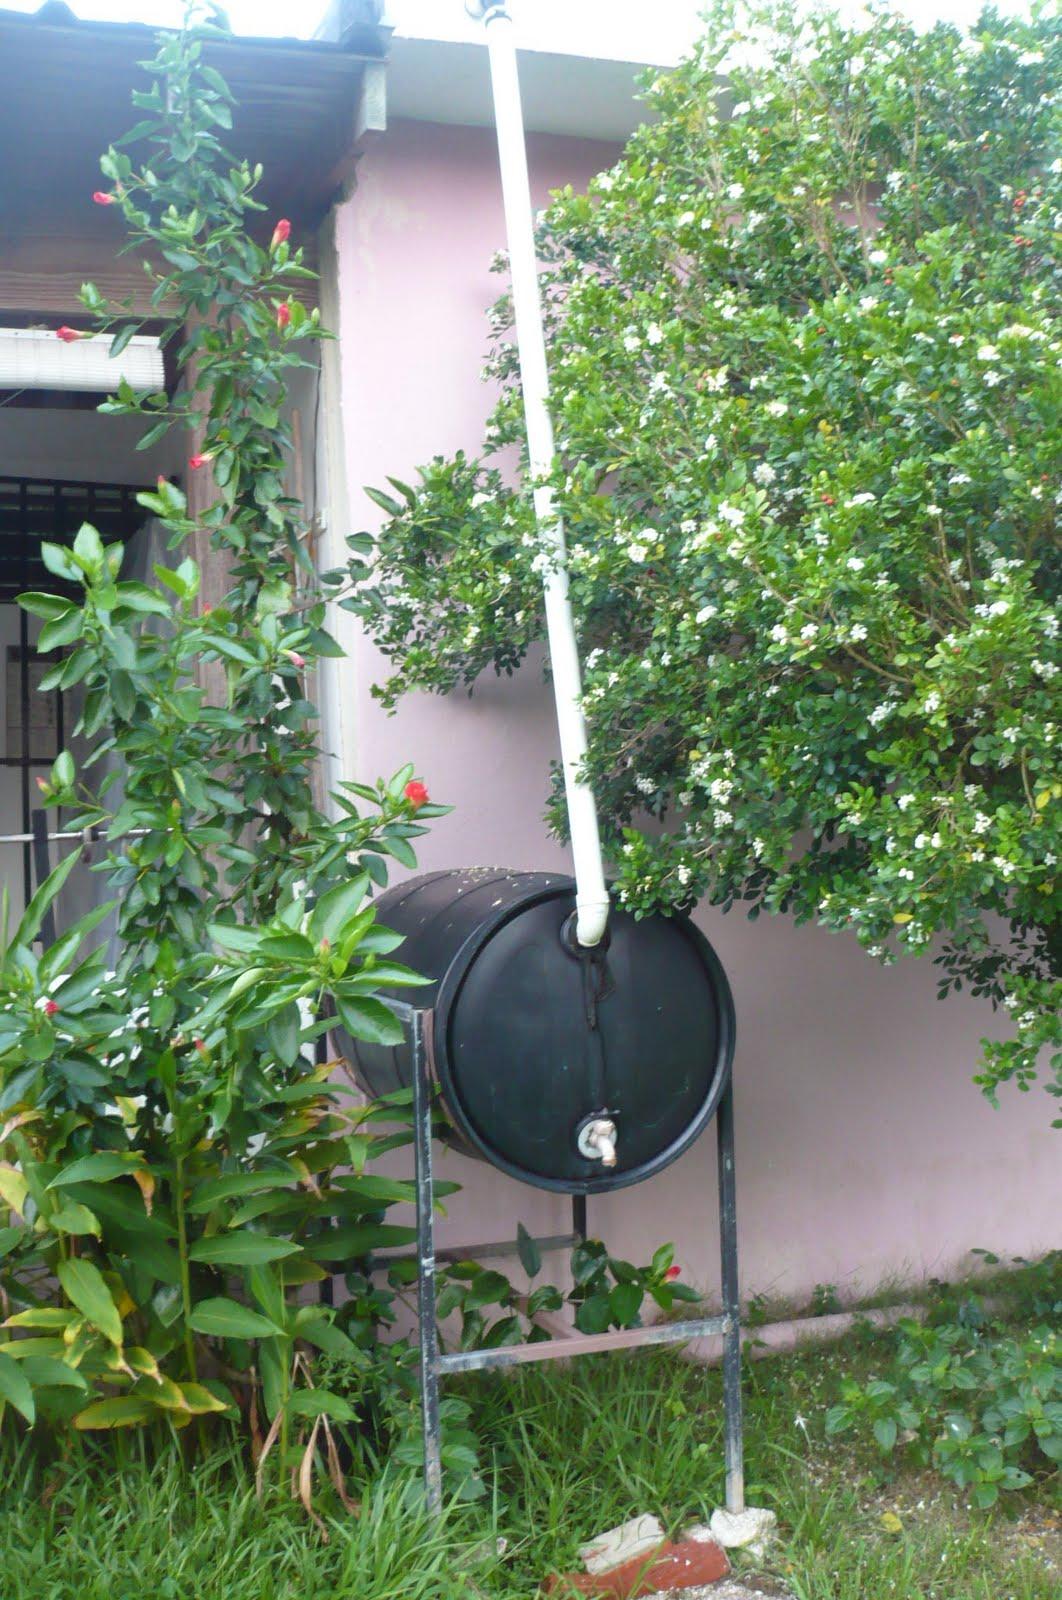 La vida en mi patio hay lugares d nde es ilegal recoger - Recoger agua lluvia ...